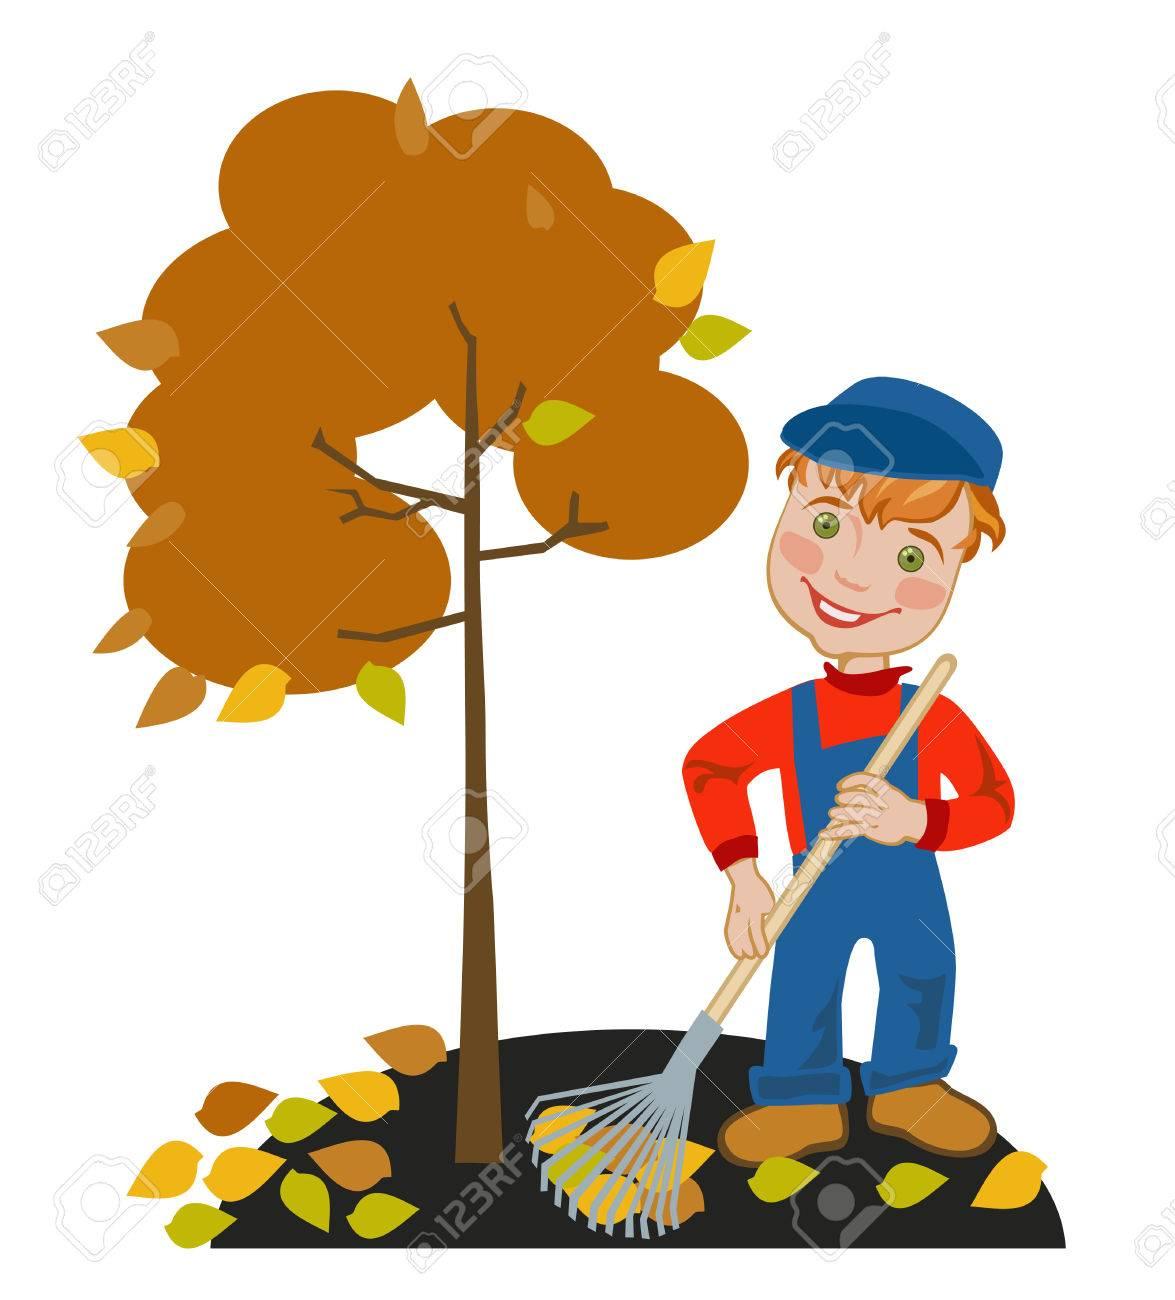 Happy Little Boy Gardener Raking Leaves In The Garden Royalty Free